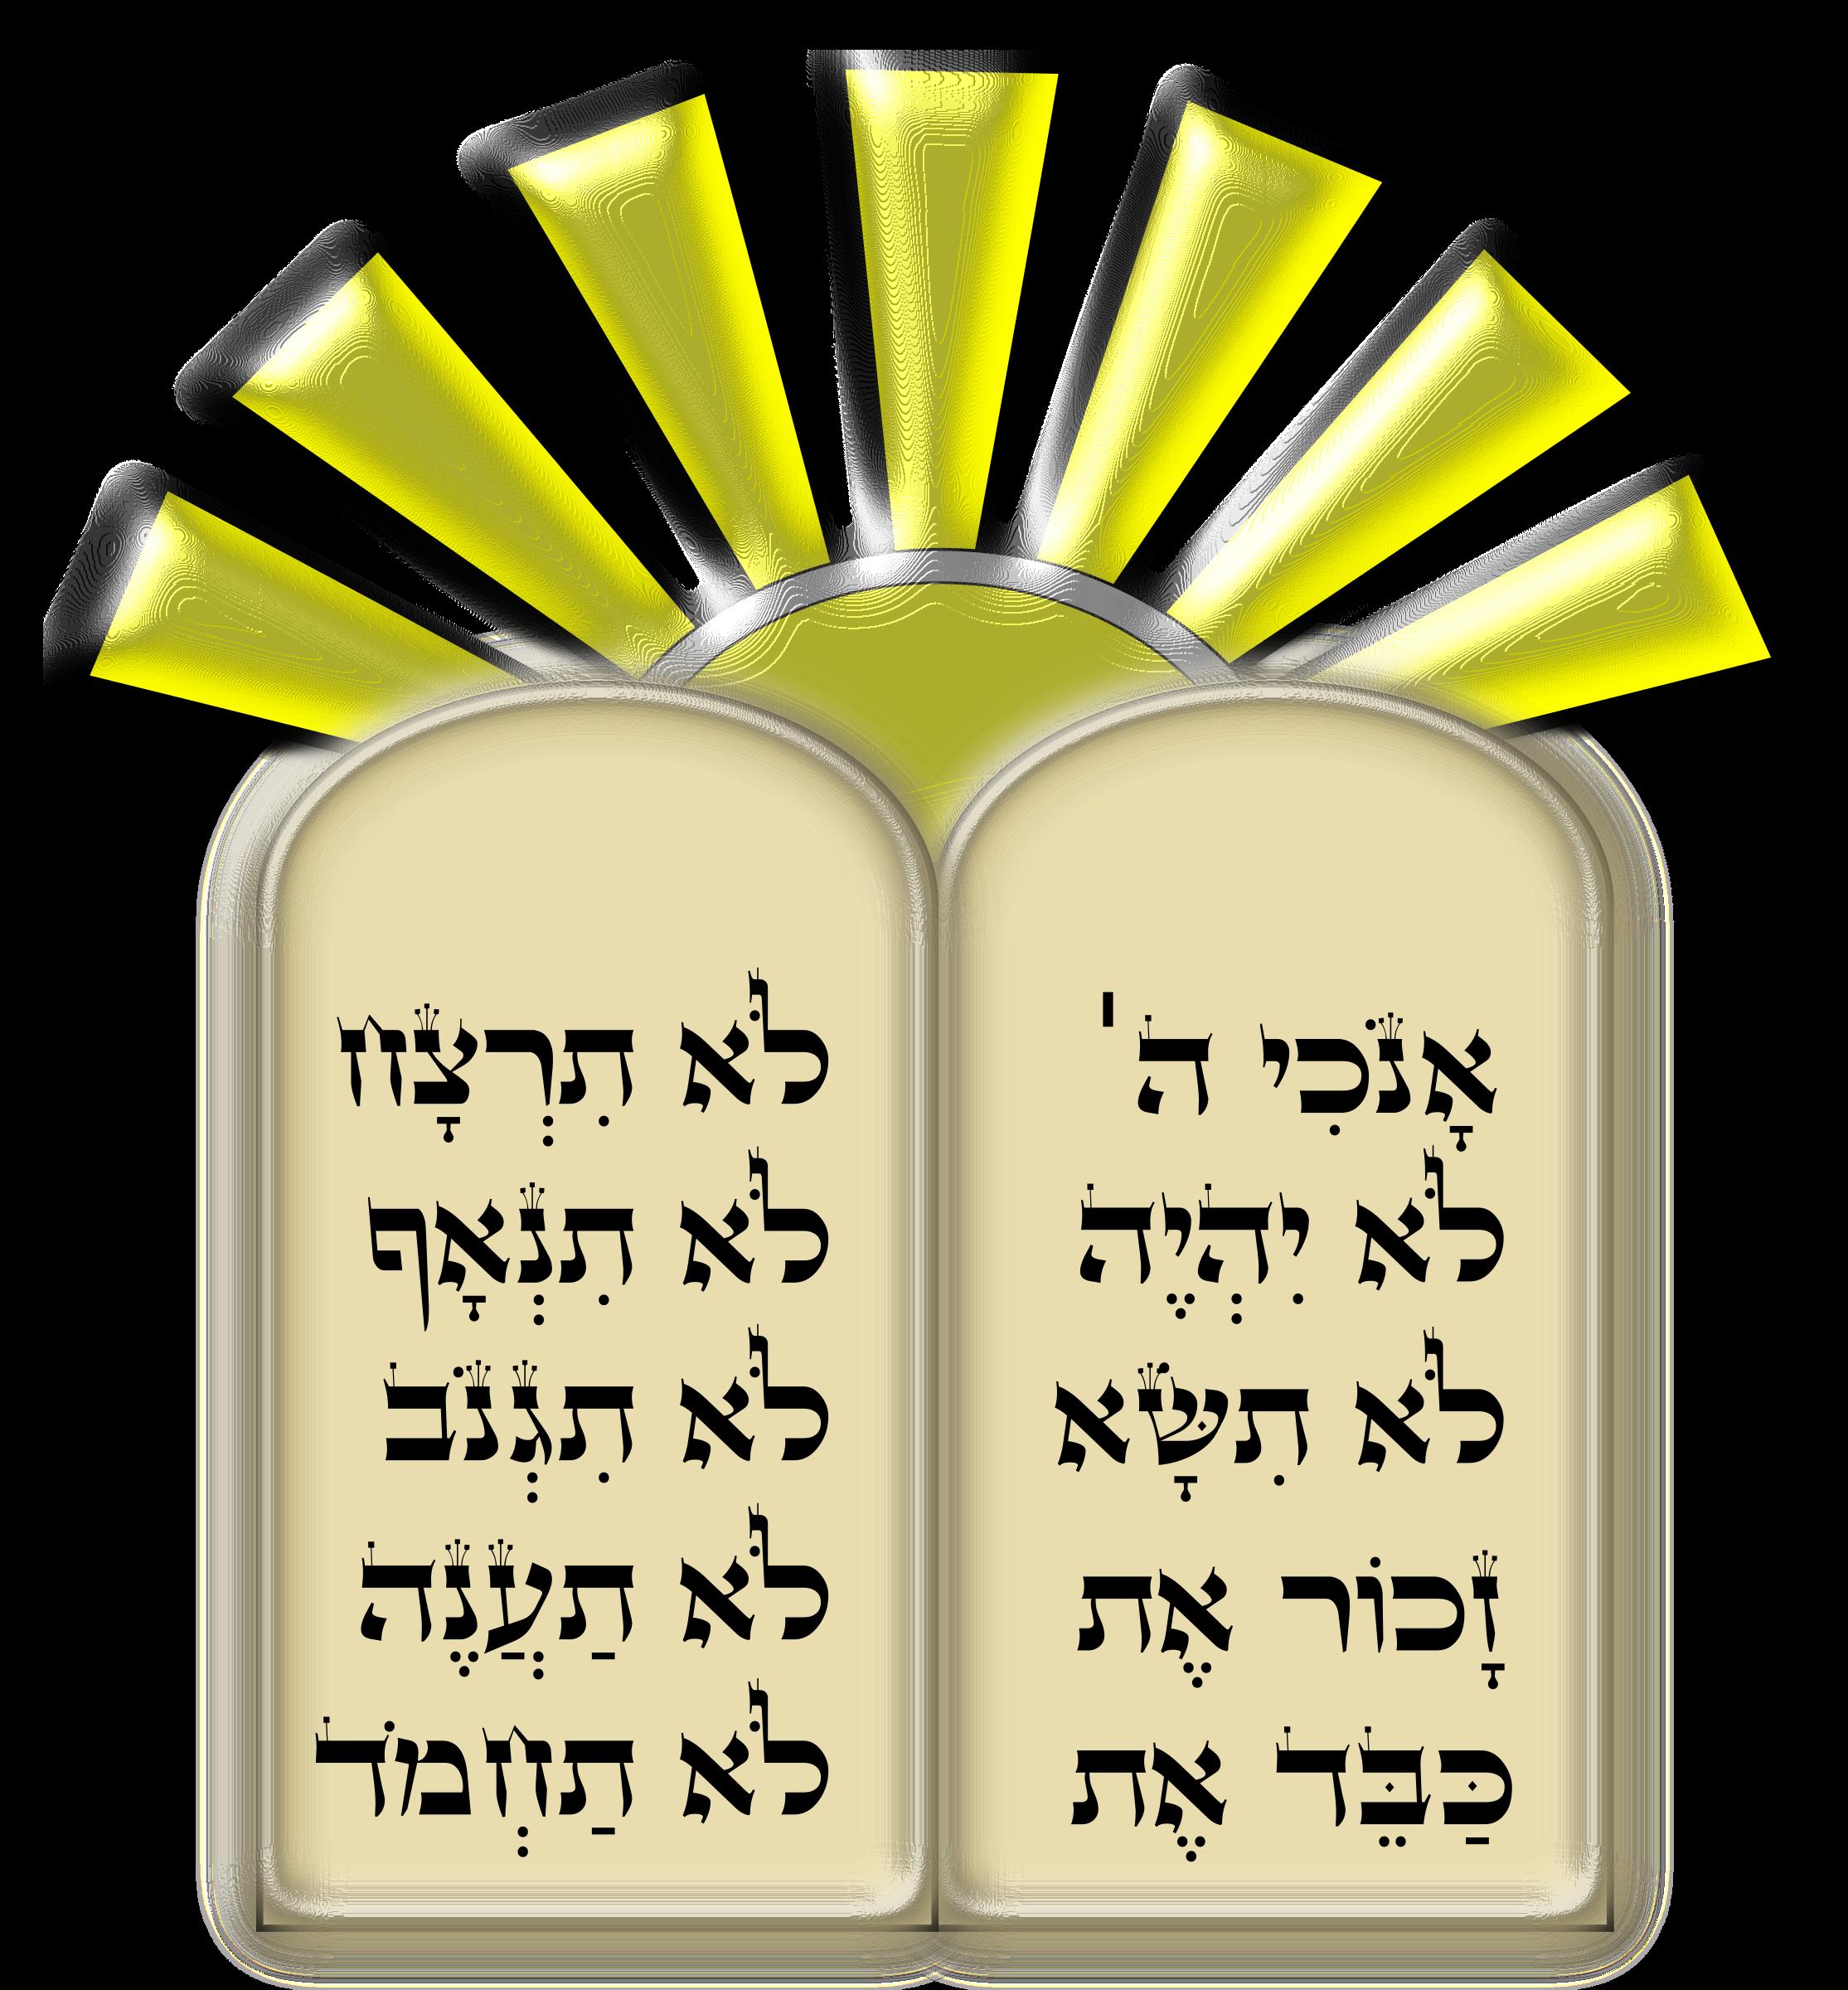 Ten commandments clipart paleo hebrew transparent download Ten commandments clipart, Ten commandments Transparent FREE ... transparent download